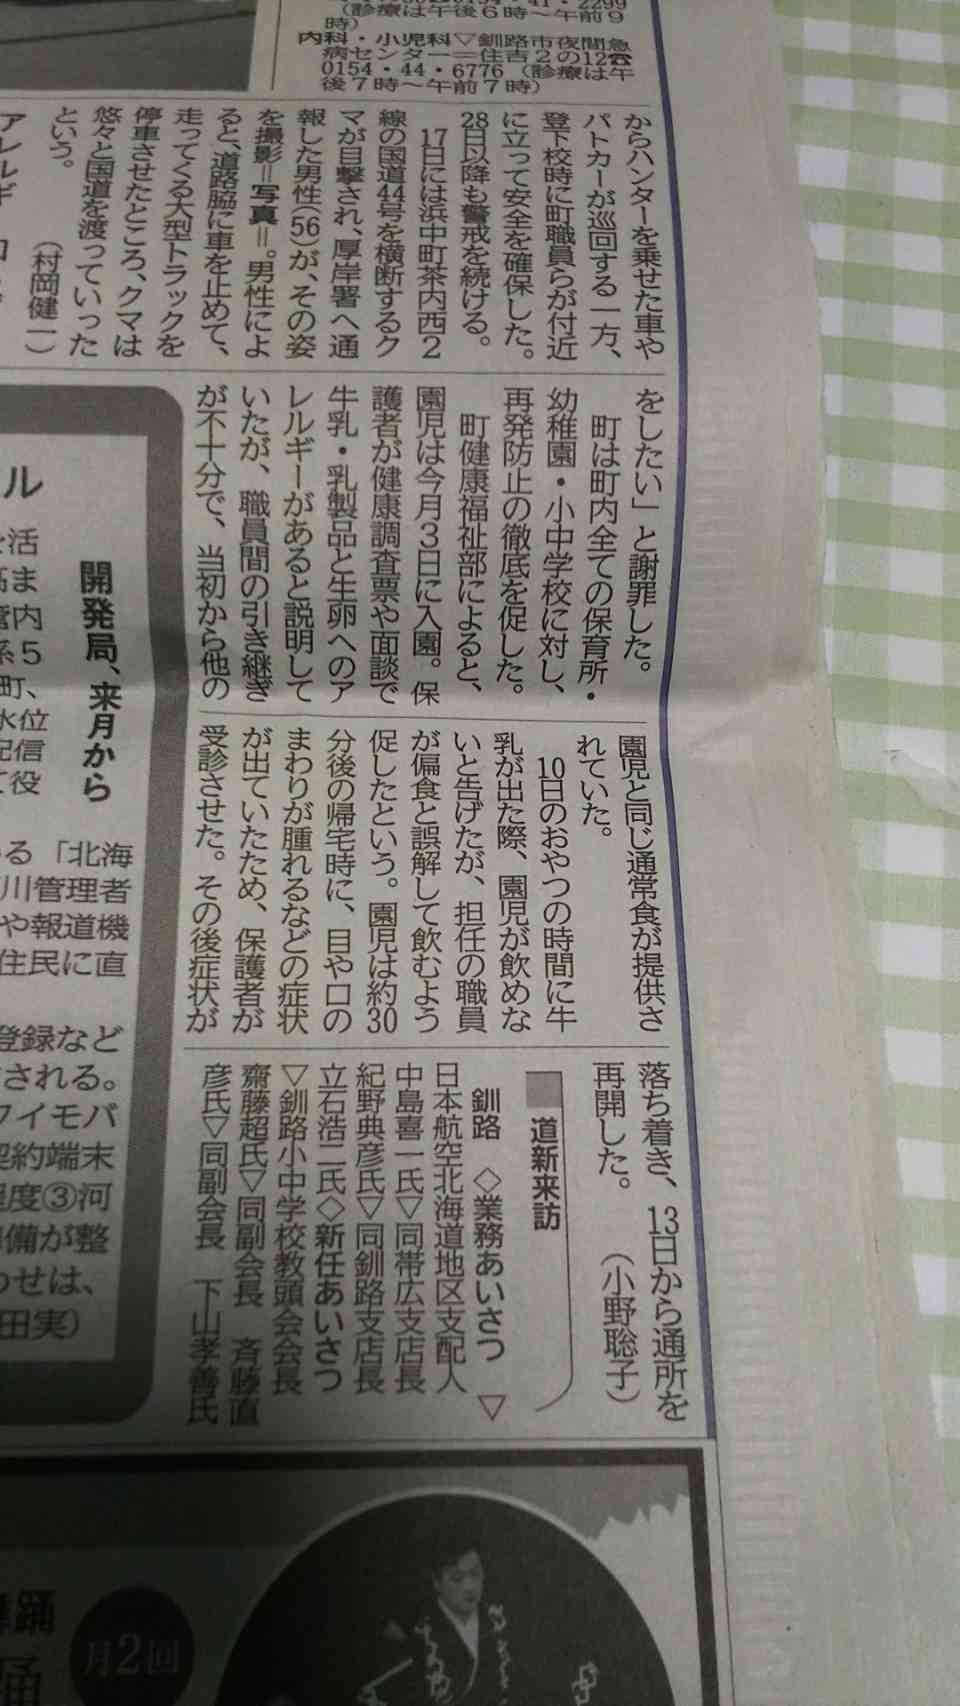 アレルギー知らず 拒否する園児に職員が牛乳飲ませる 釧路町